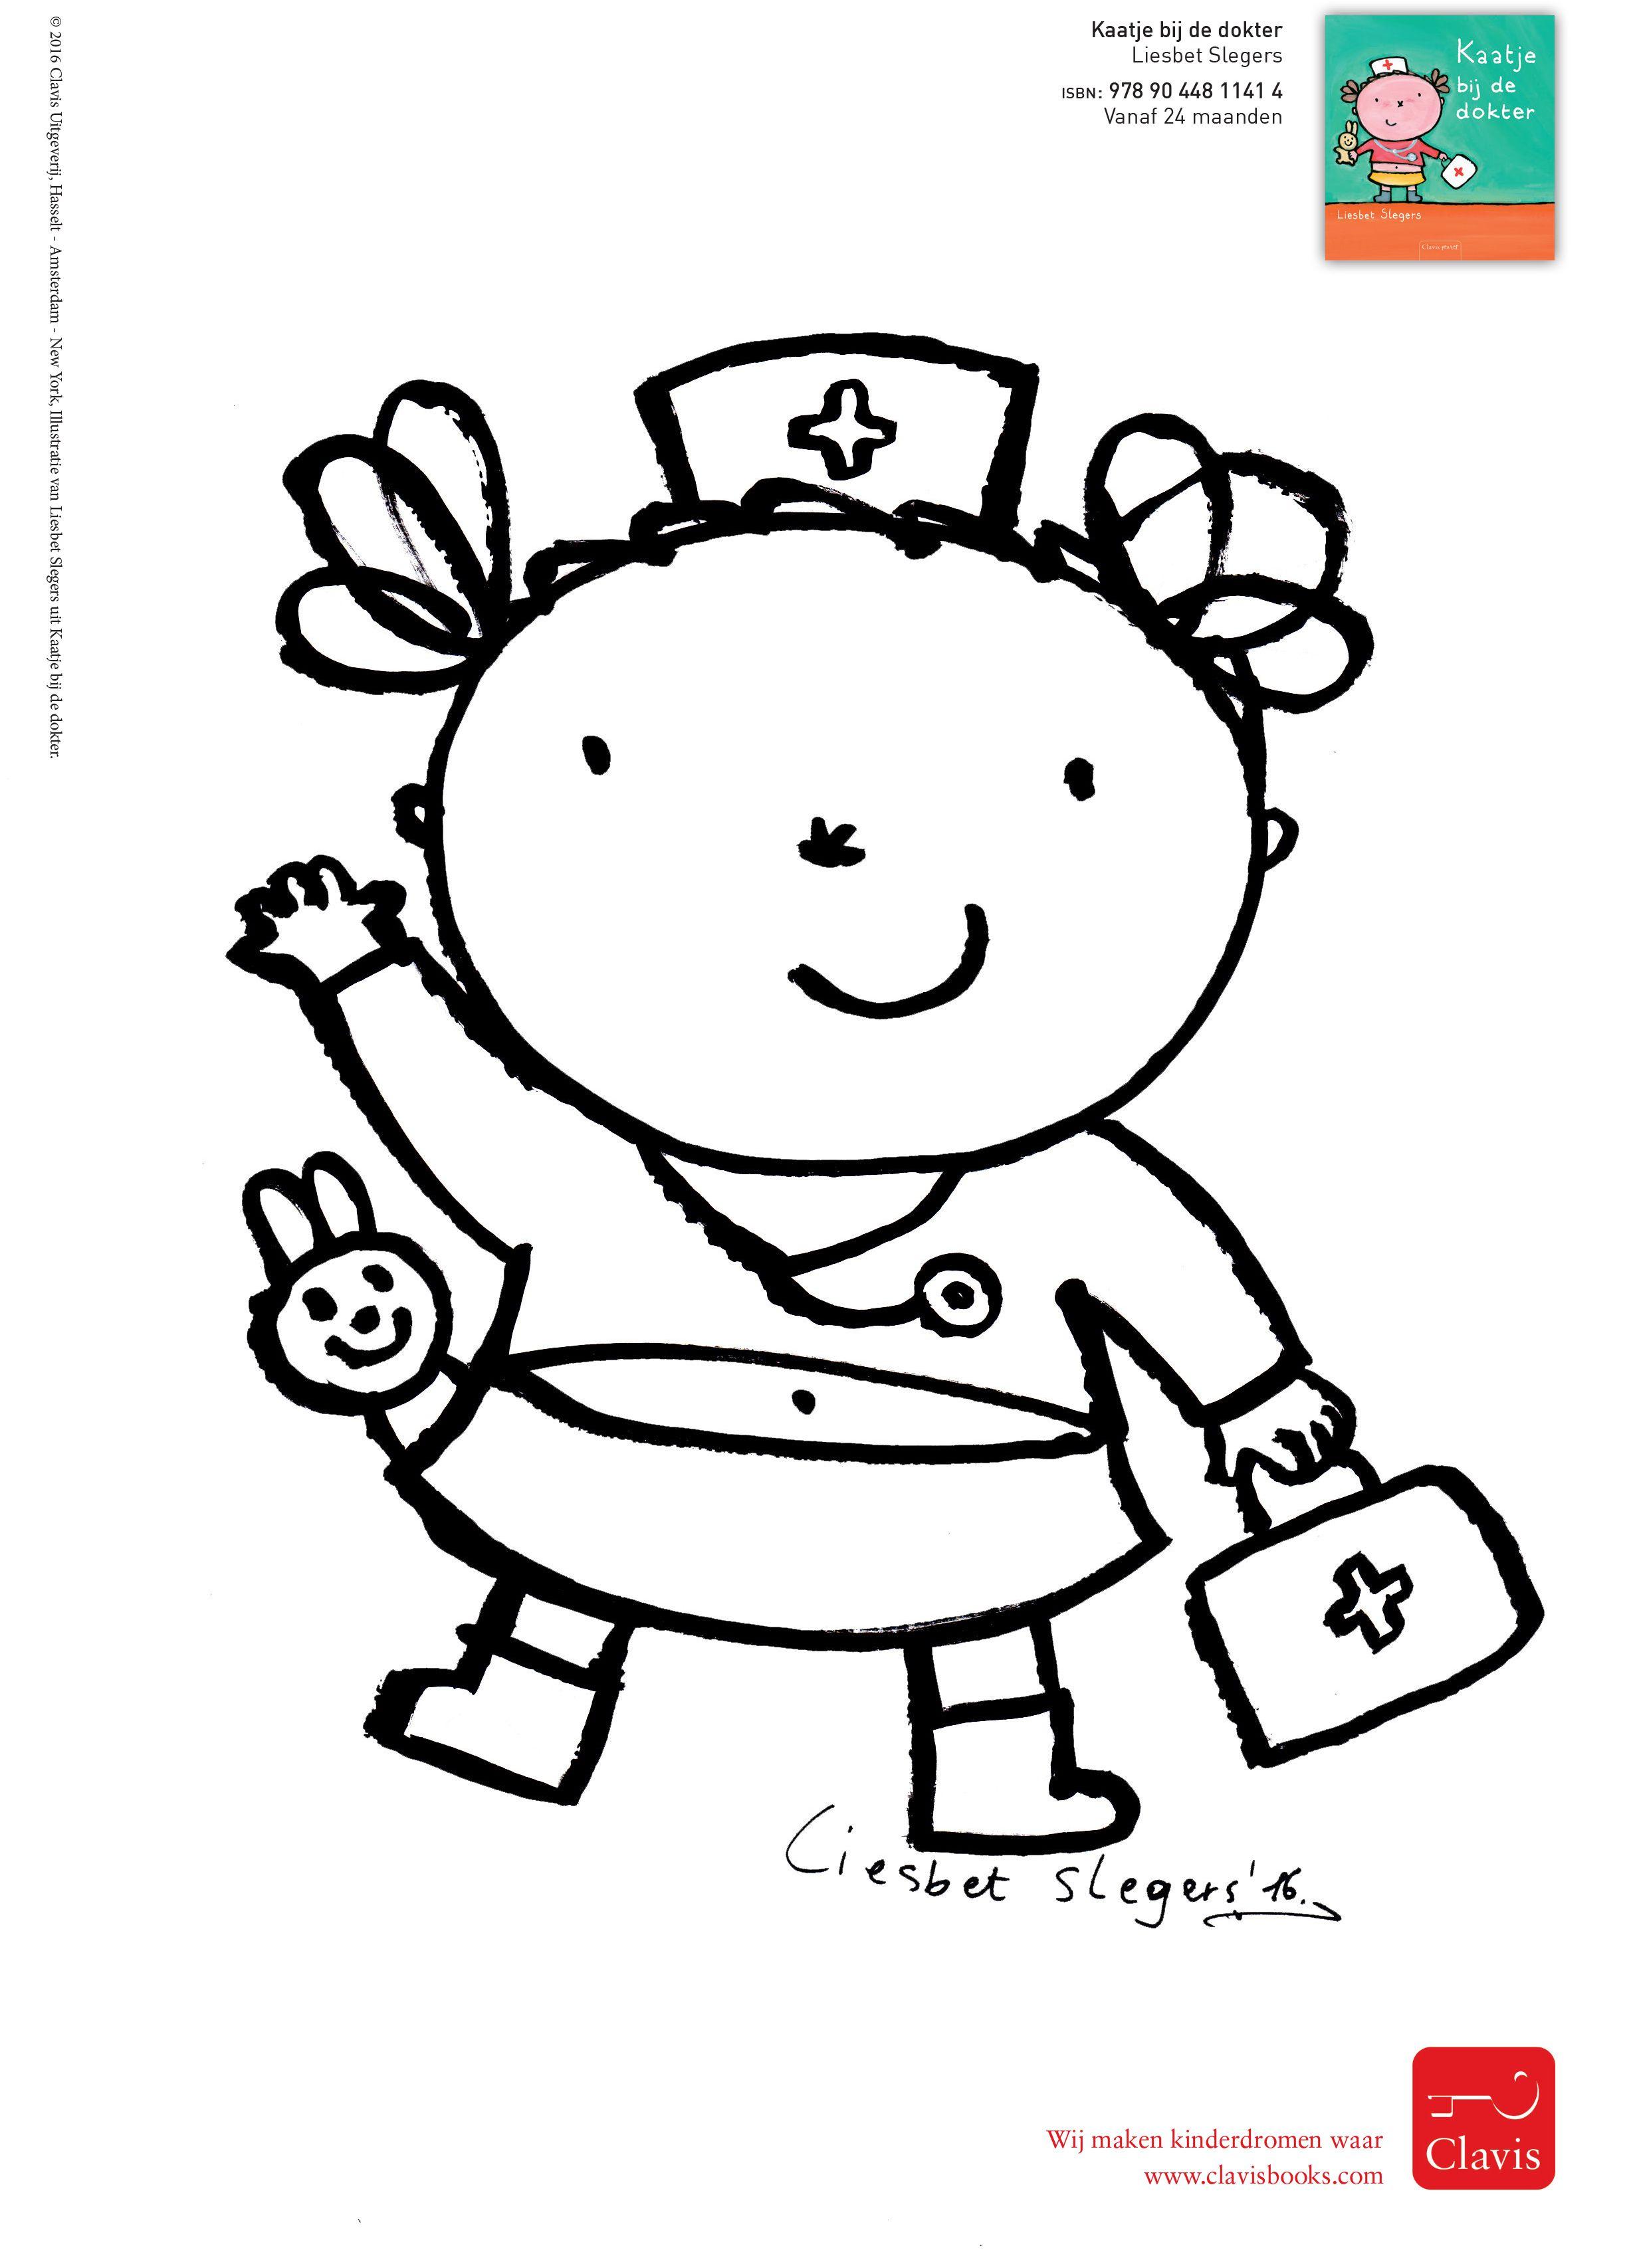 Kleurplaten Dokters.Elegant Kleurplaten Dokters En Ziek Zijn Klupaats Website